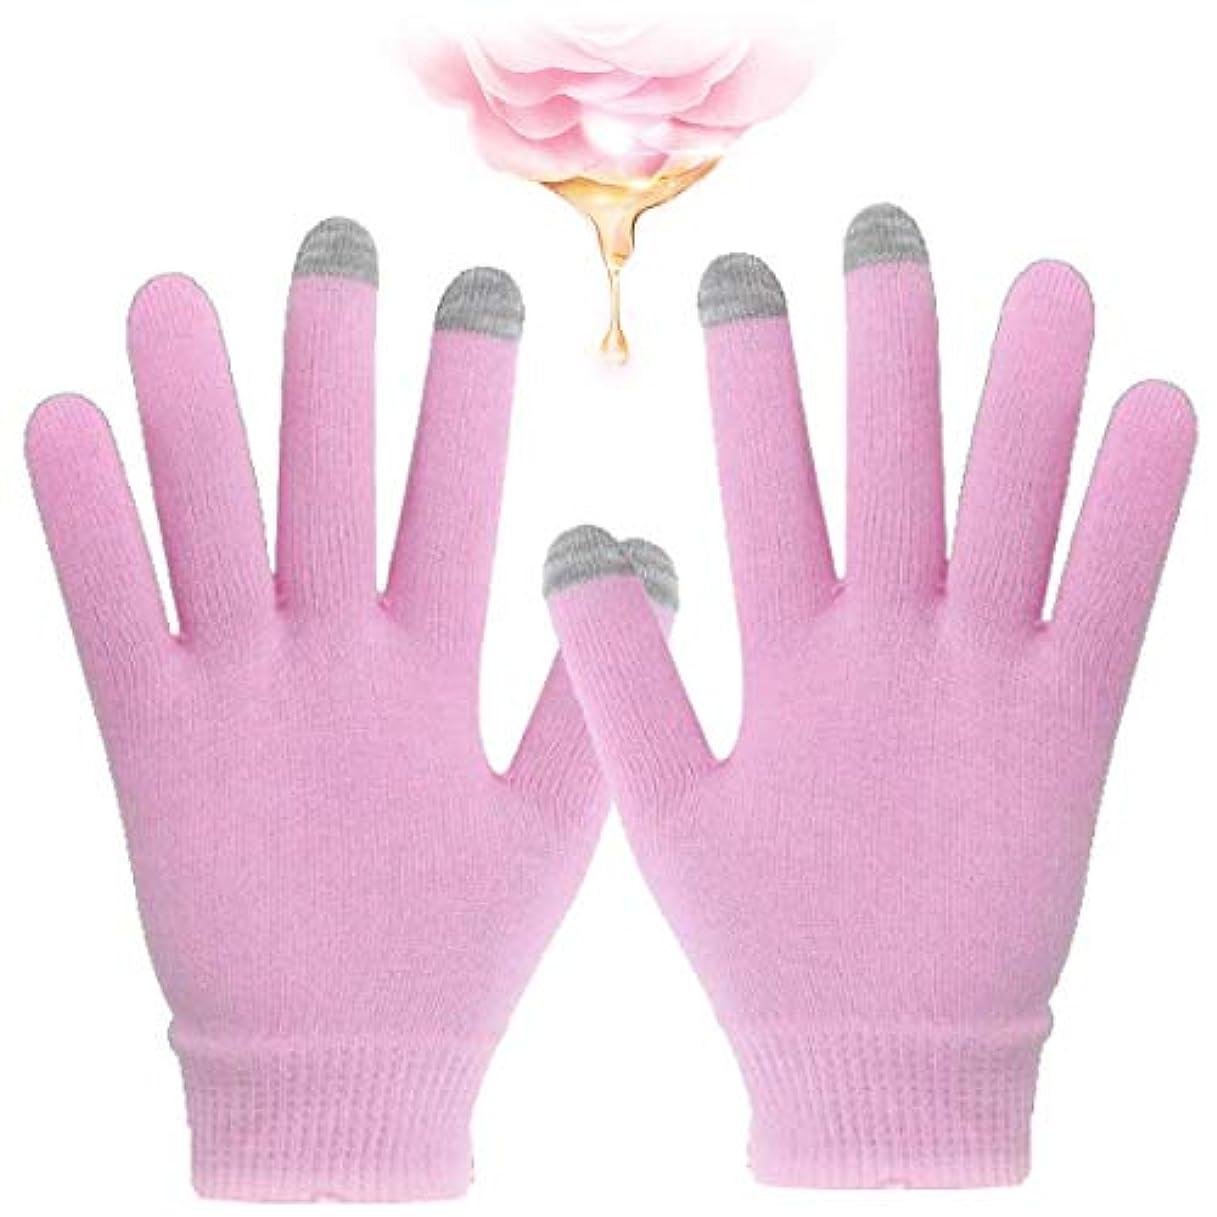 補助二滴下ハンドケア 手袋 スマホ対応 手袋 ゲル 保湿 美容成分配合 手荒れ 対策 おやすみ スキンケア グローブ うるおい 保護 タブレット